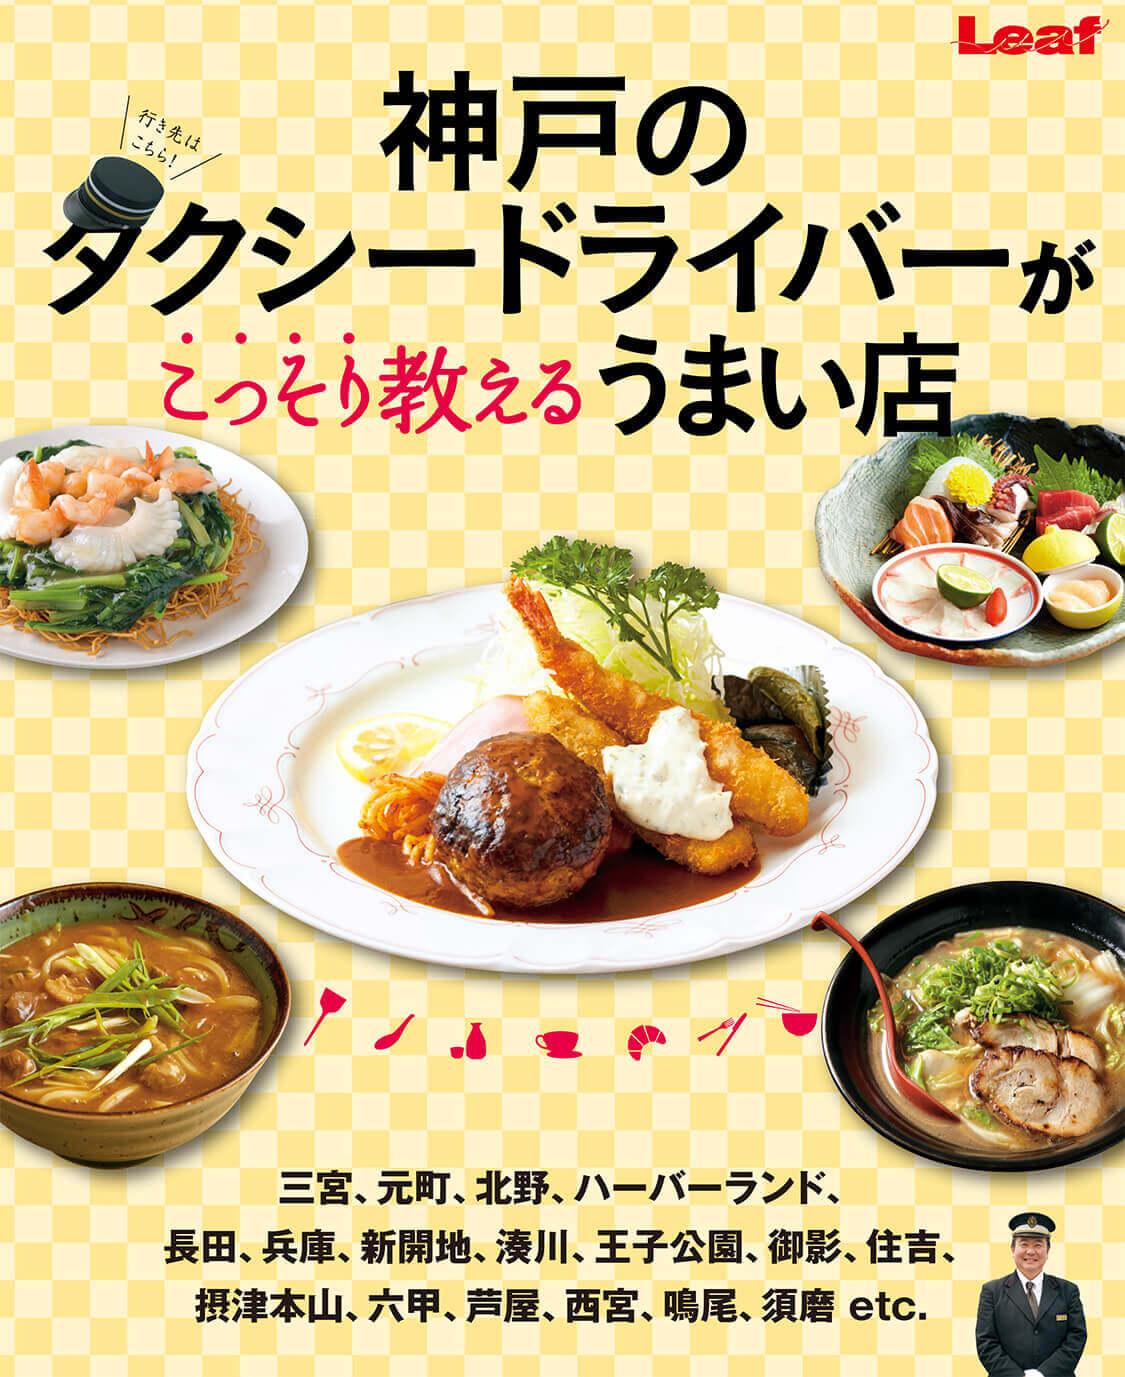 LeafMOOK 【書籍】神戸のタクシードライバーがこっそり教えるうまい店